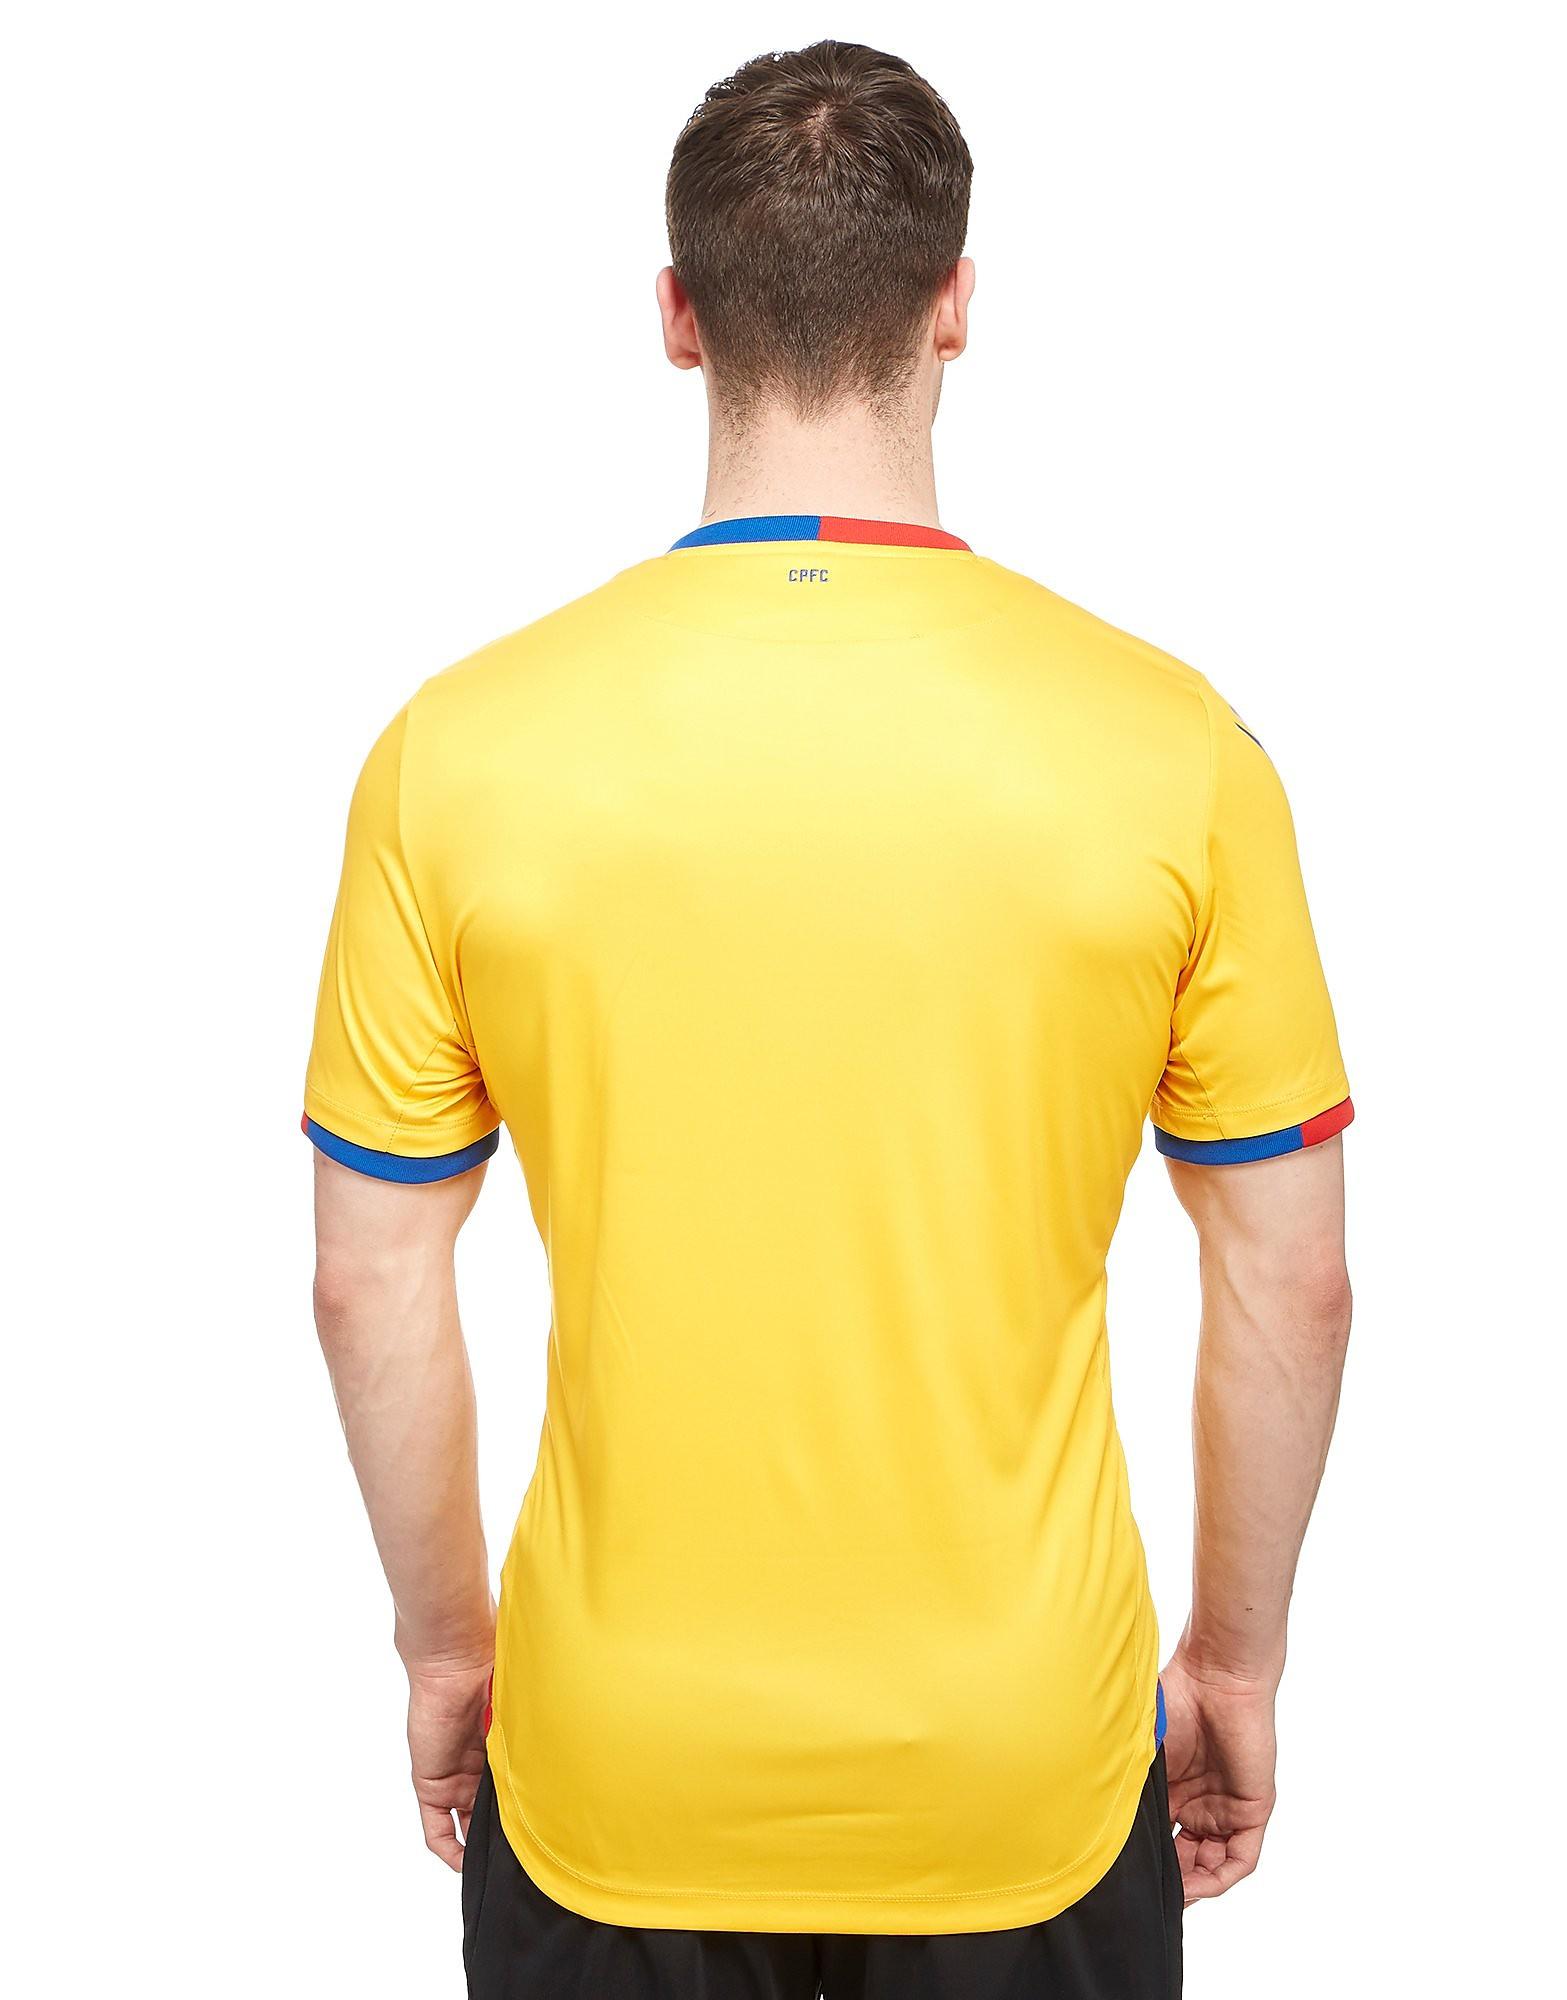 Macron Crystal Palace Away 2016/17 Shirt